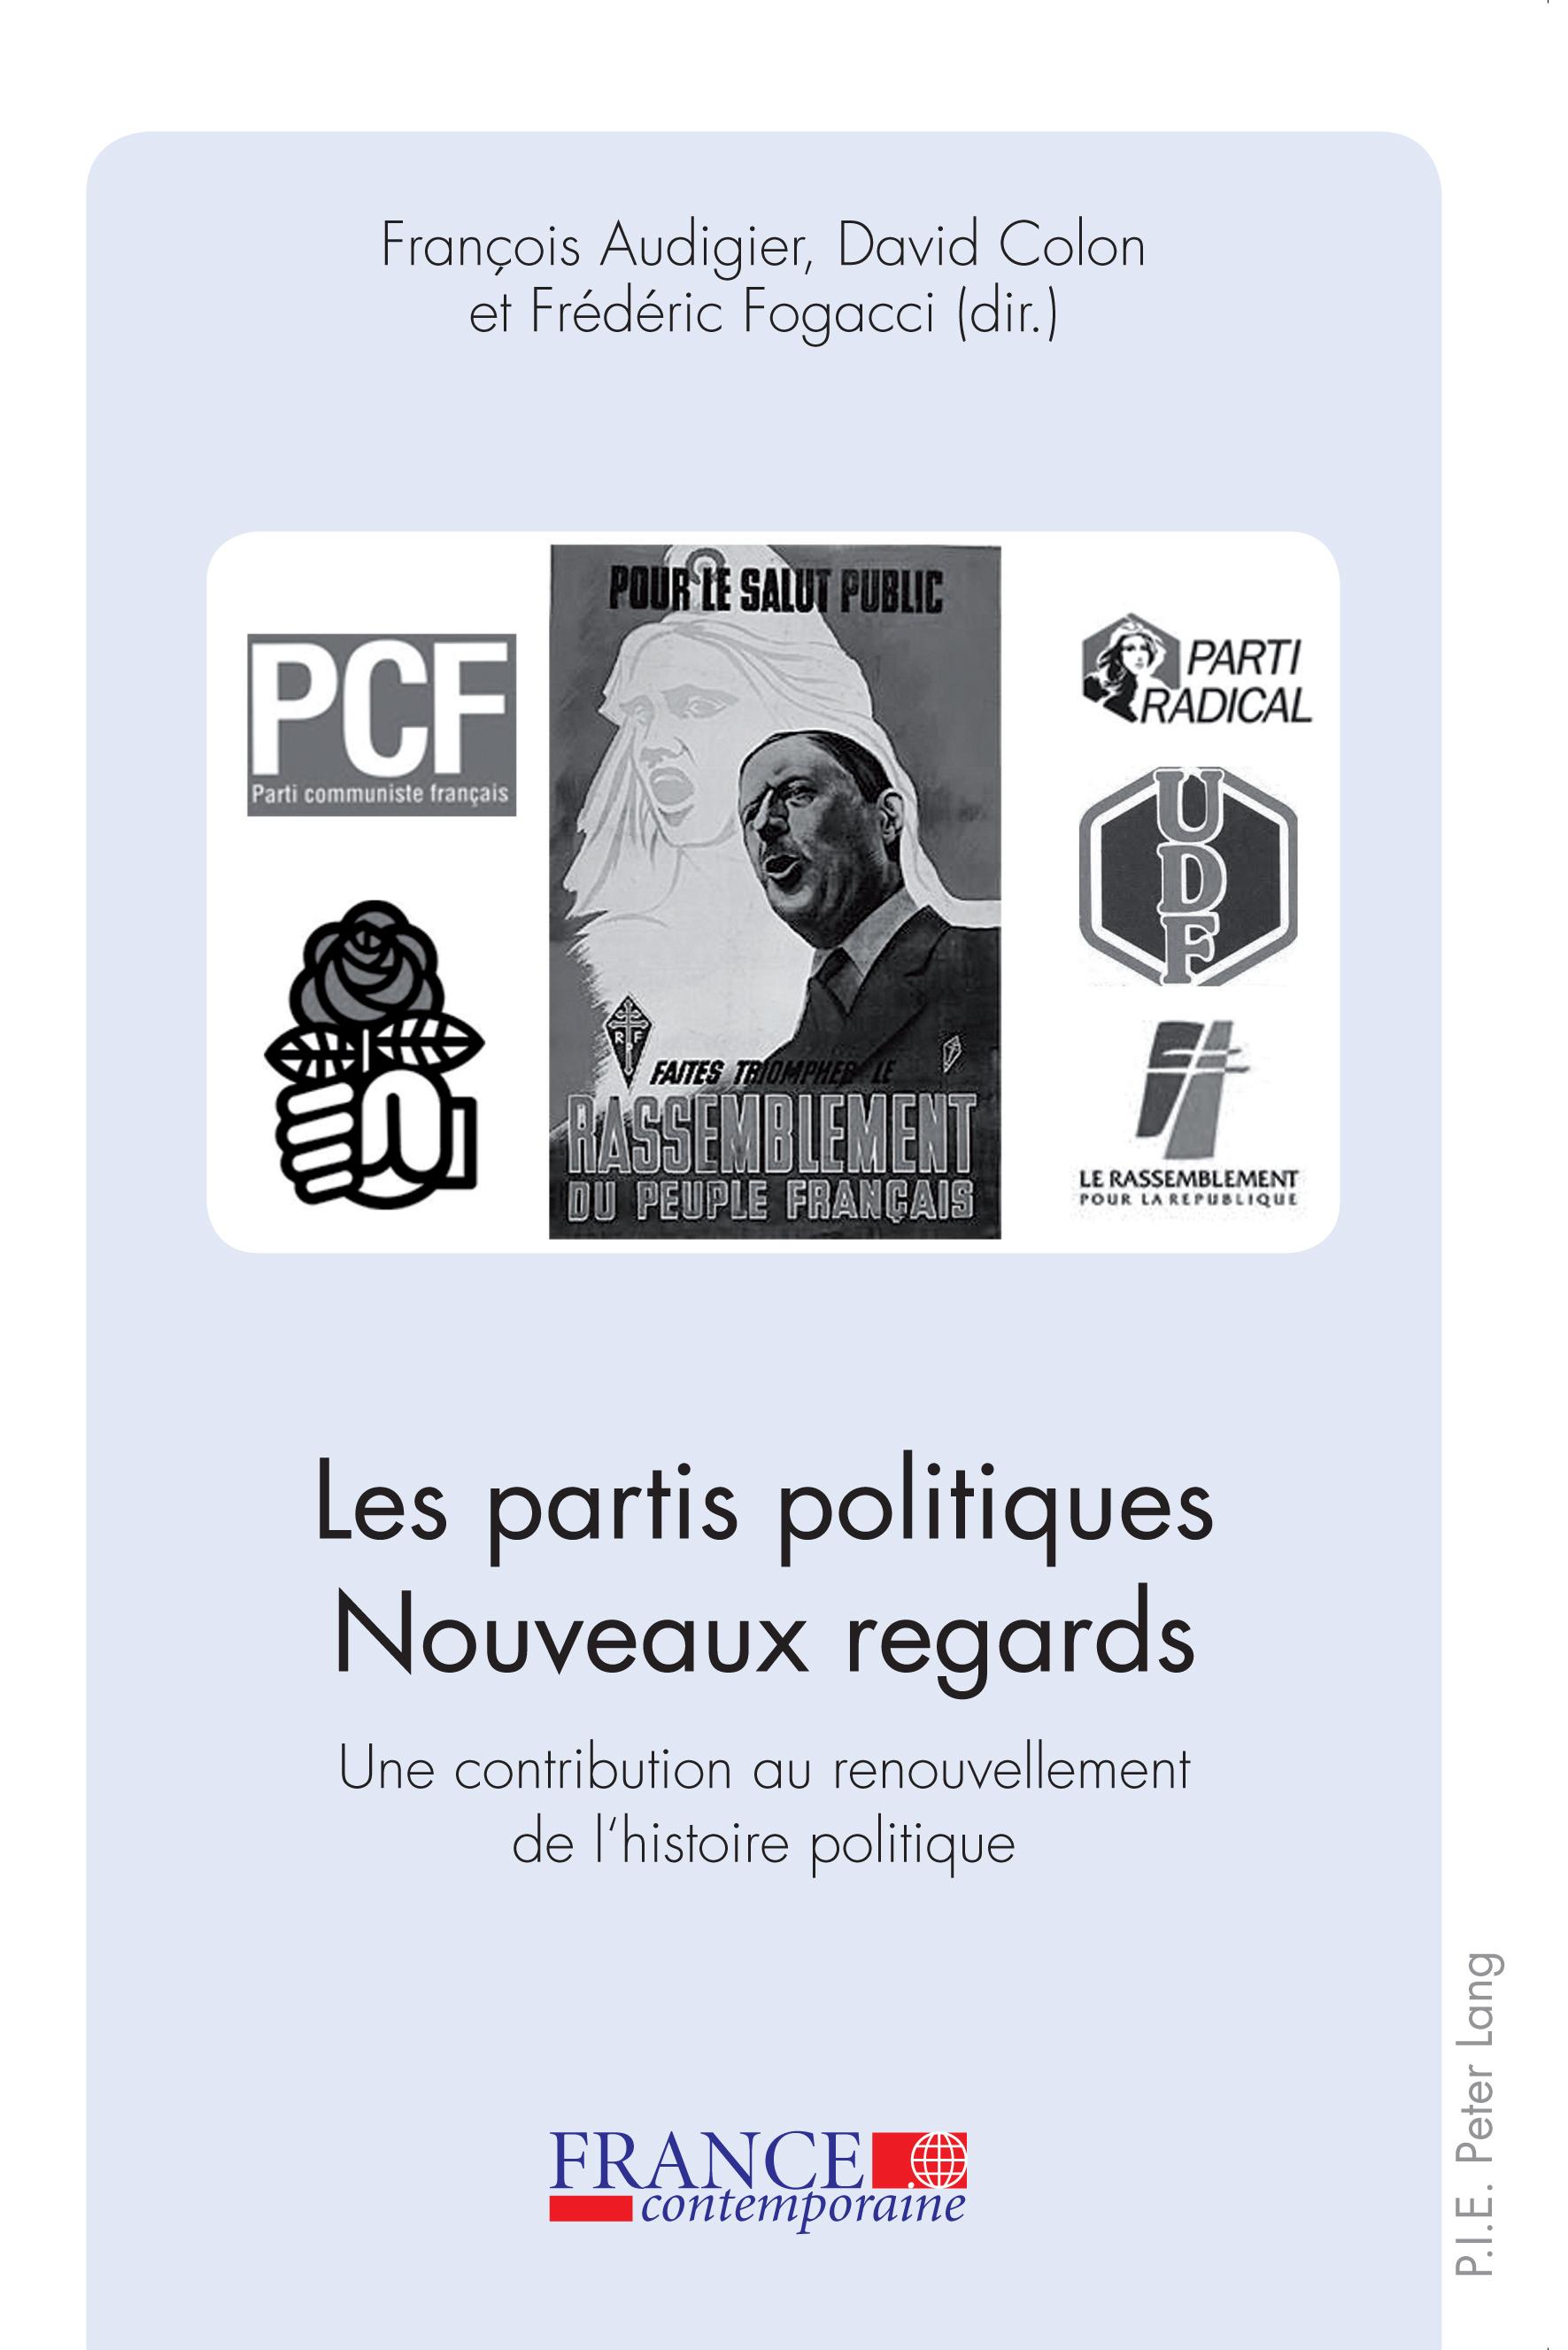 LES PARTIS POLITIQUES- NOUVEAUX REGARDS - UNE CONTRIBUTION AU RENOUVELLEMENT DE L'HISTOIRE POLITIQUE